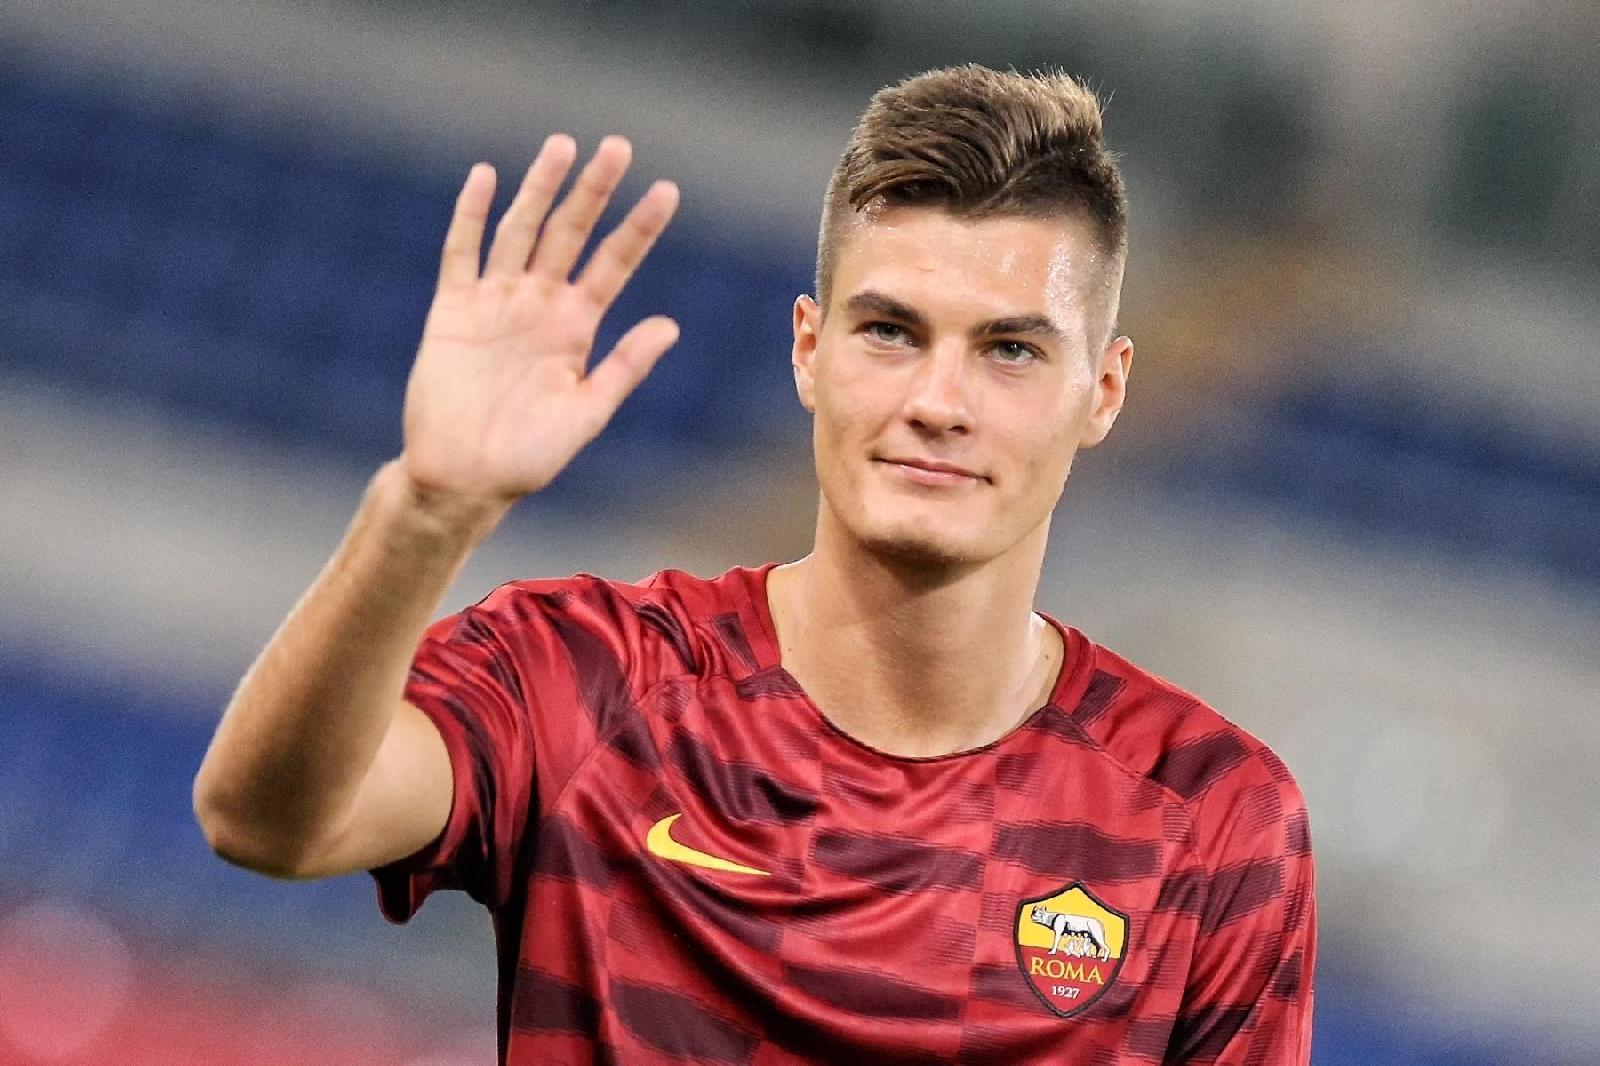 Calciomercato: Roma pronta a cedere un suo giocatore